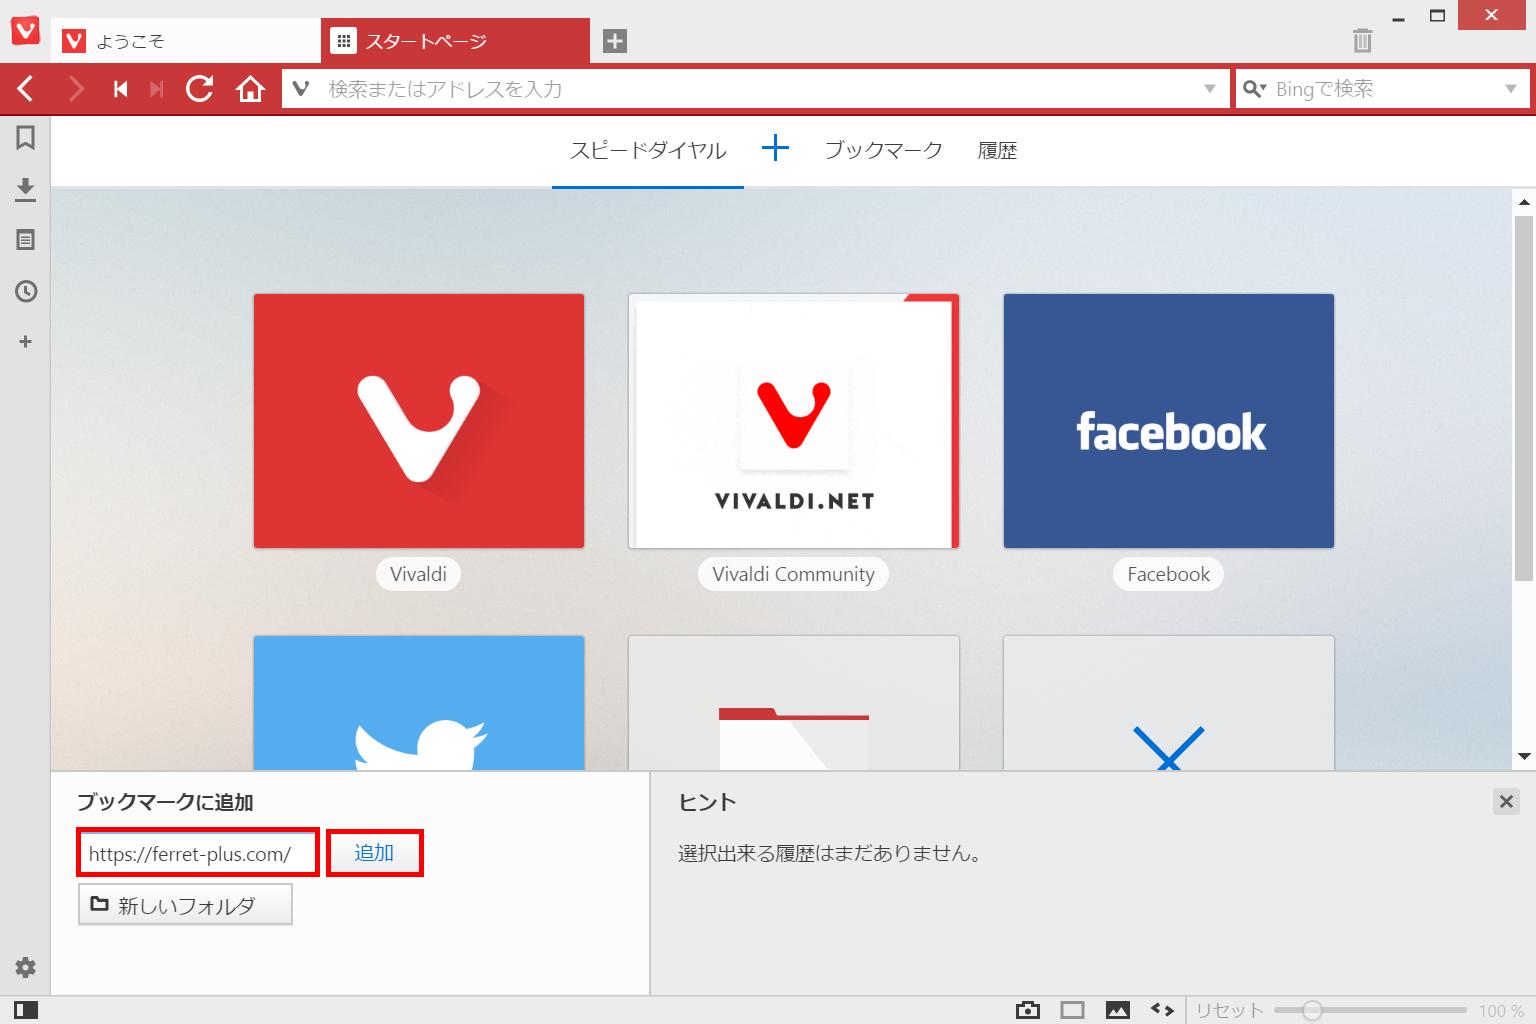 Vivaldi_4使い方_1スピードダイアル3.png